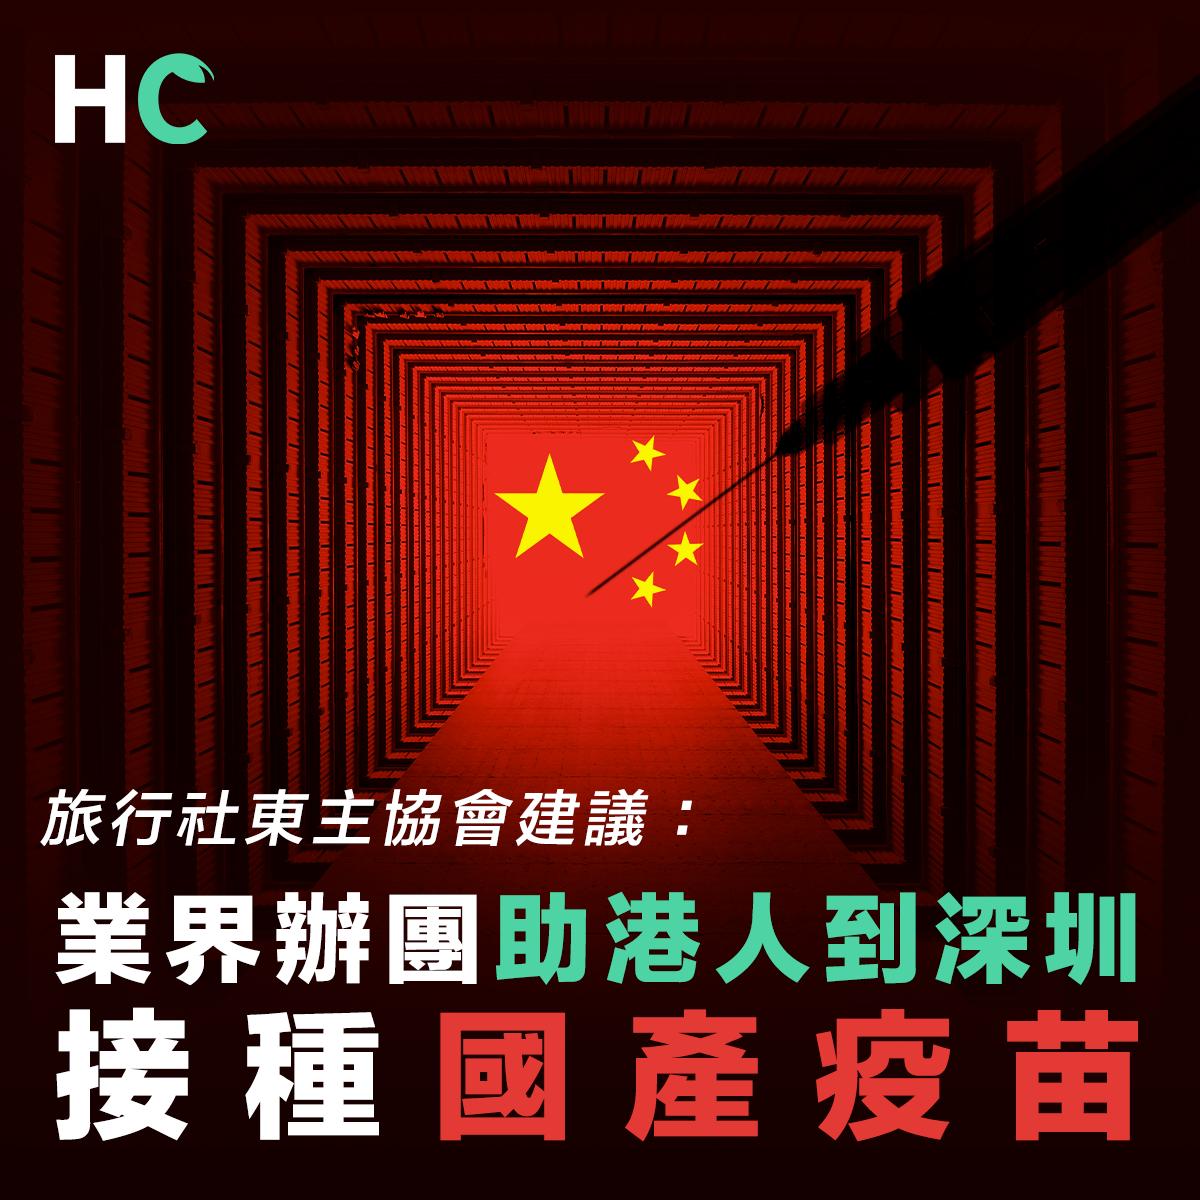 旅行社東主協會建議:助港人到深圳接種國產疫苗